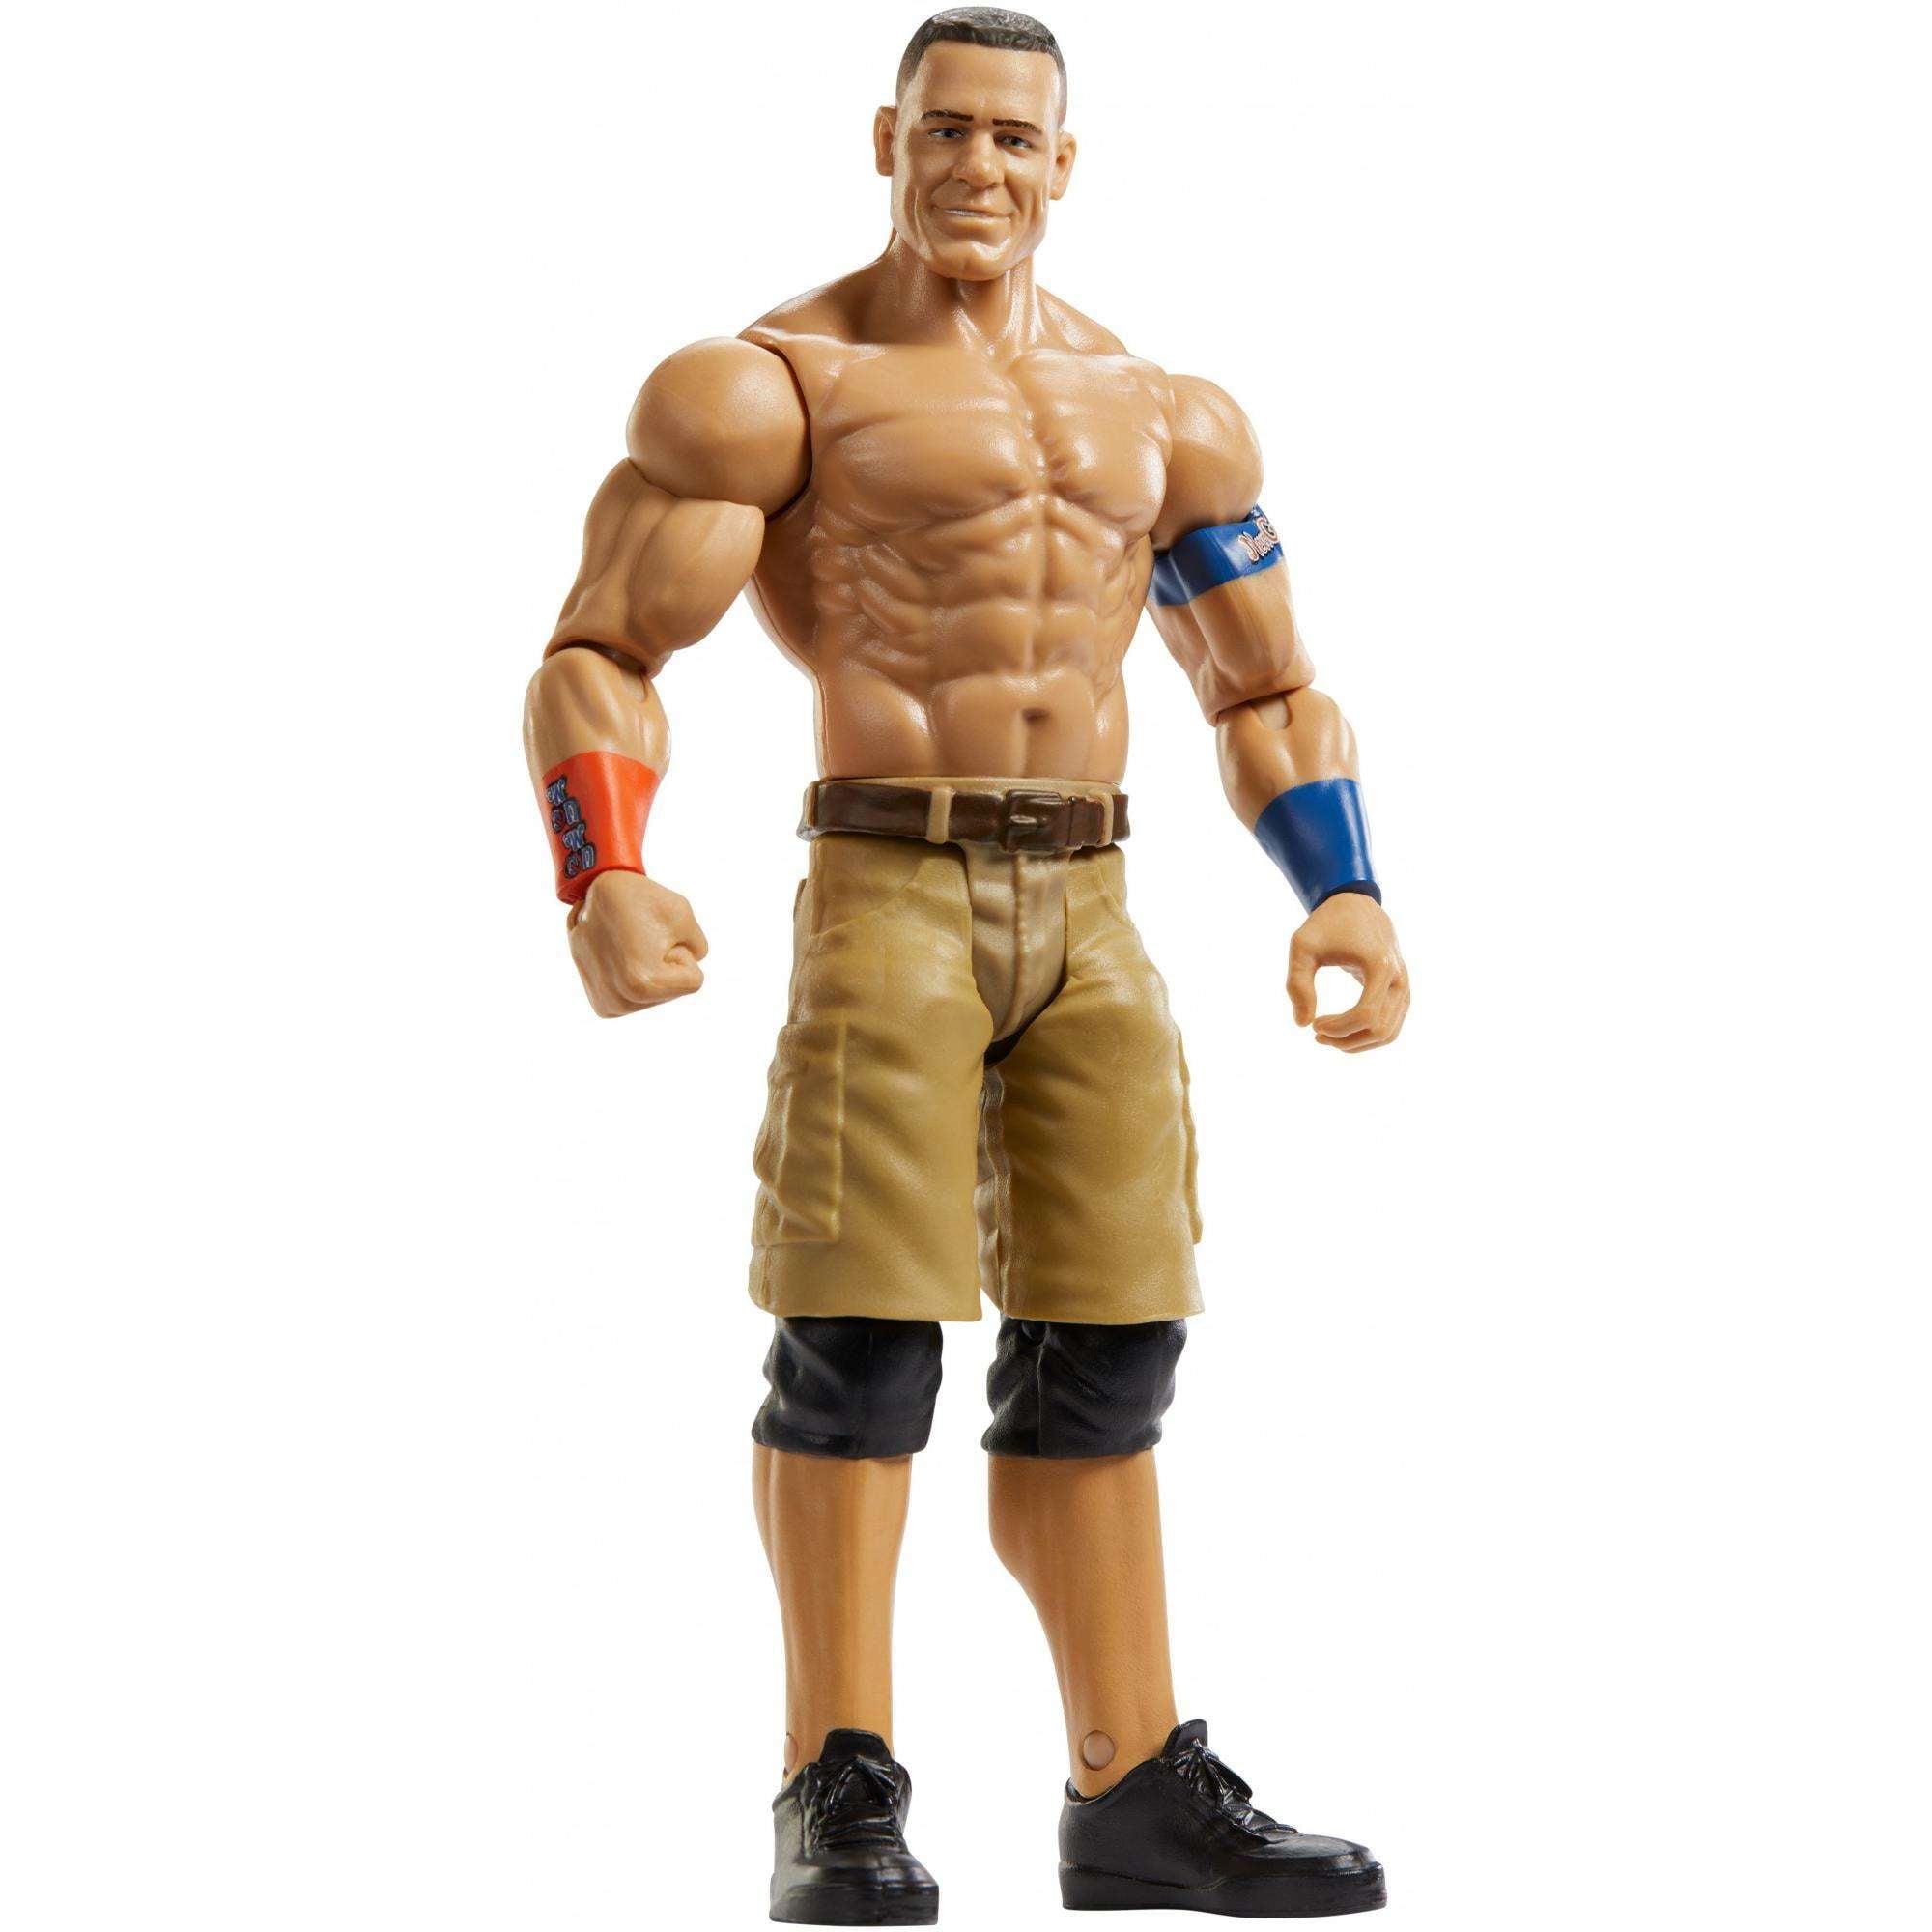 WWE John Cena Figure by Mattel